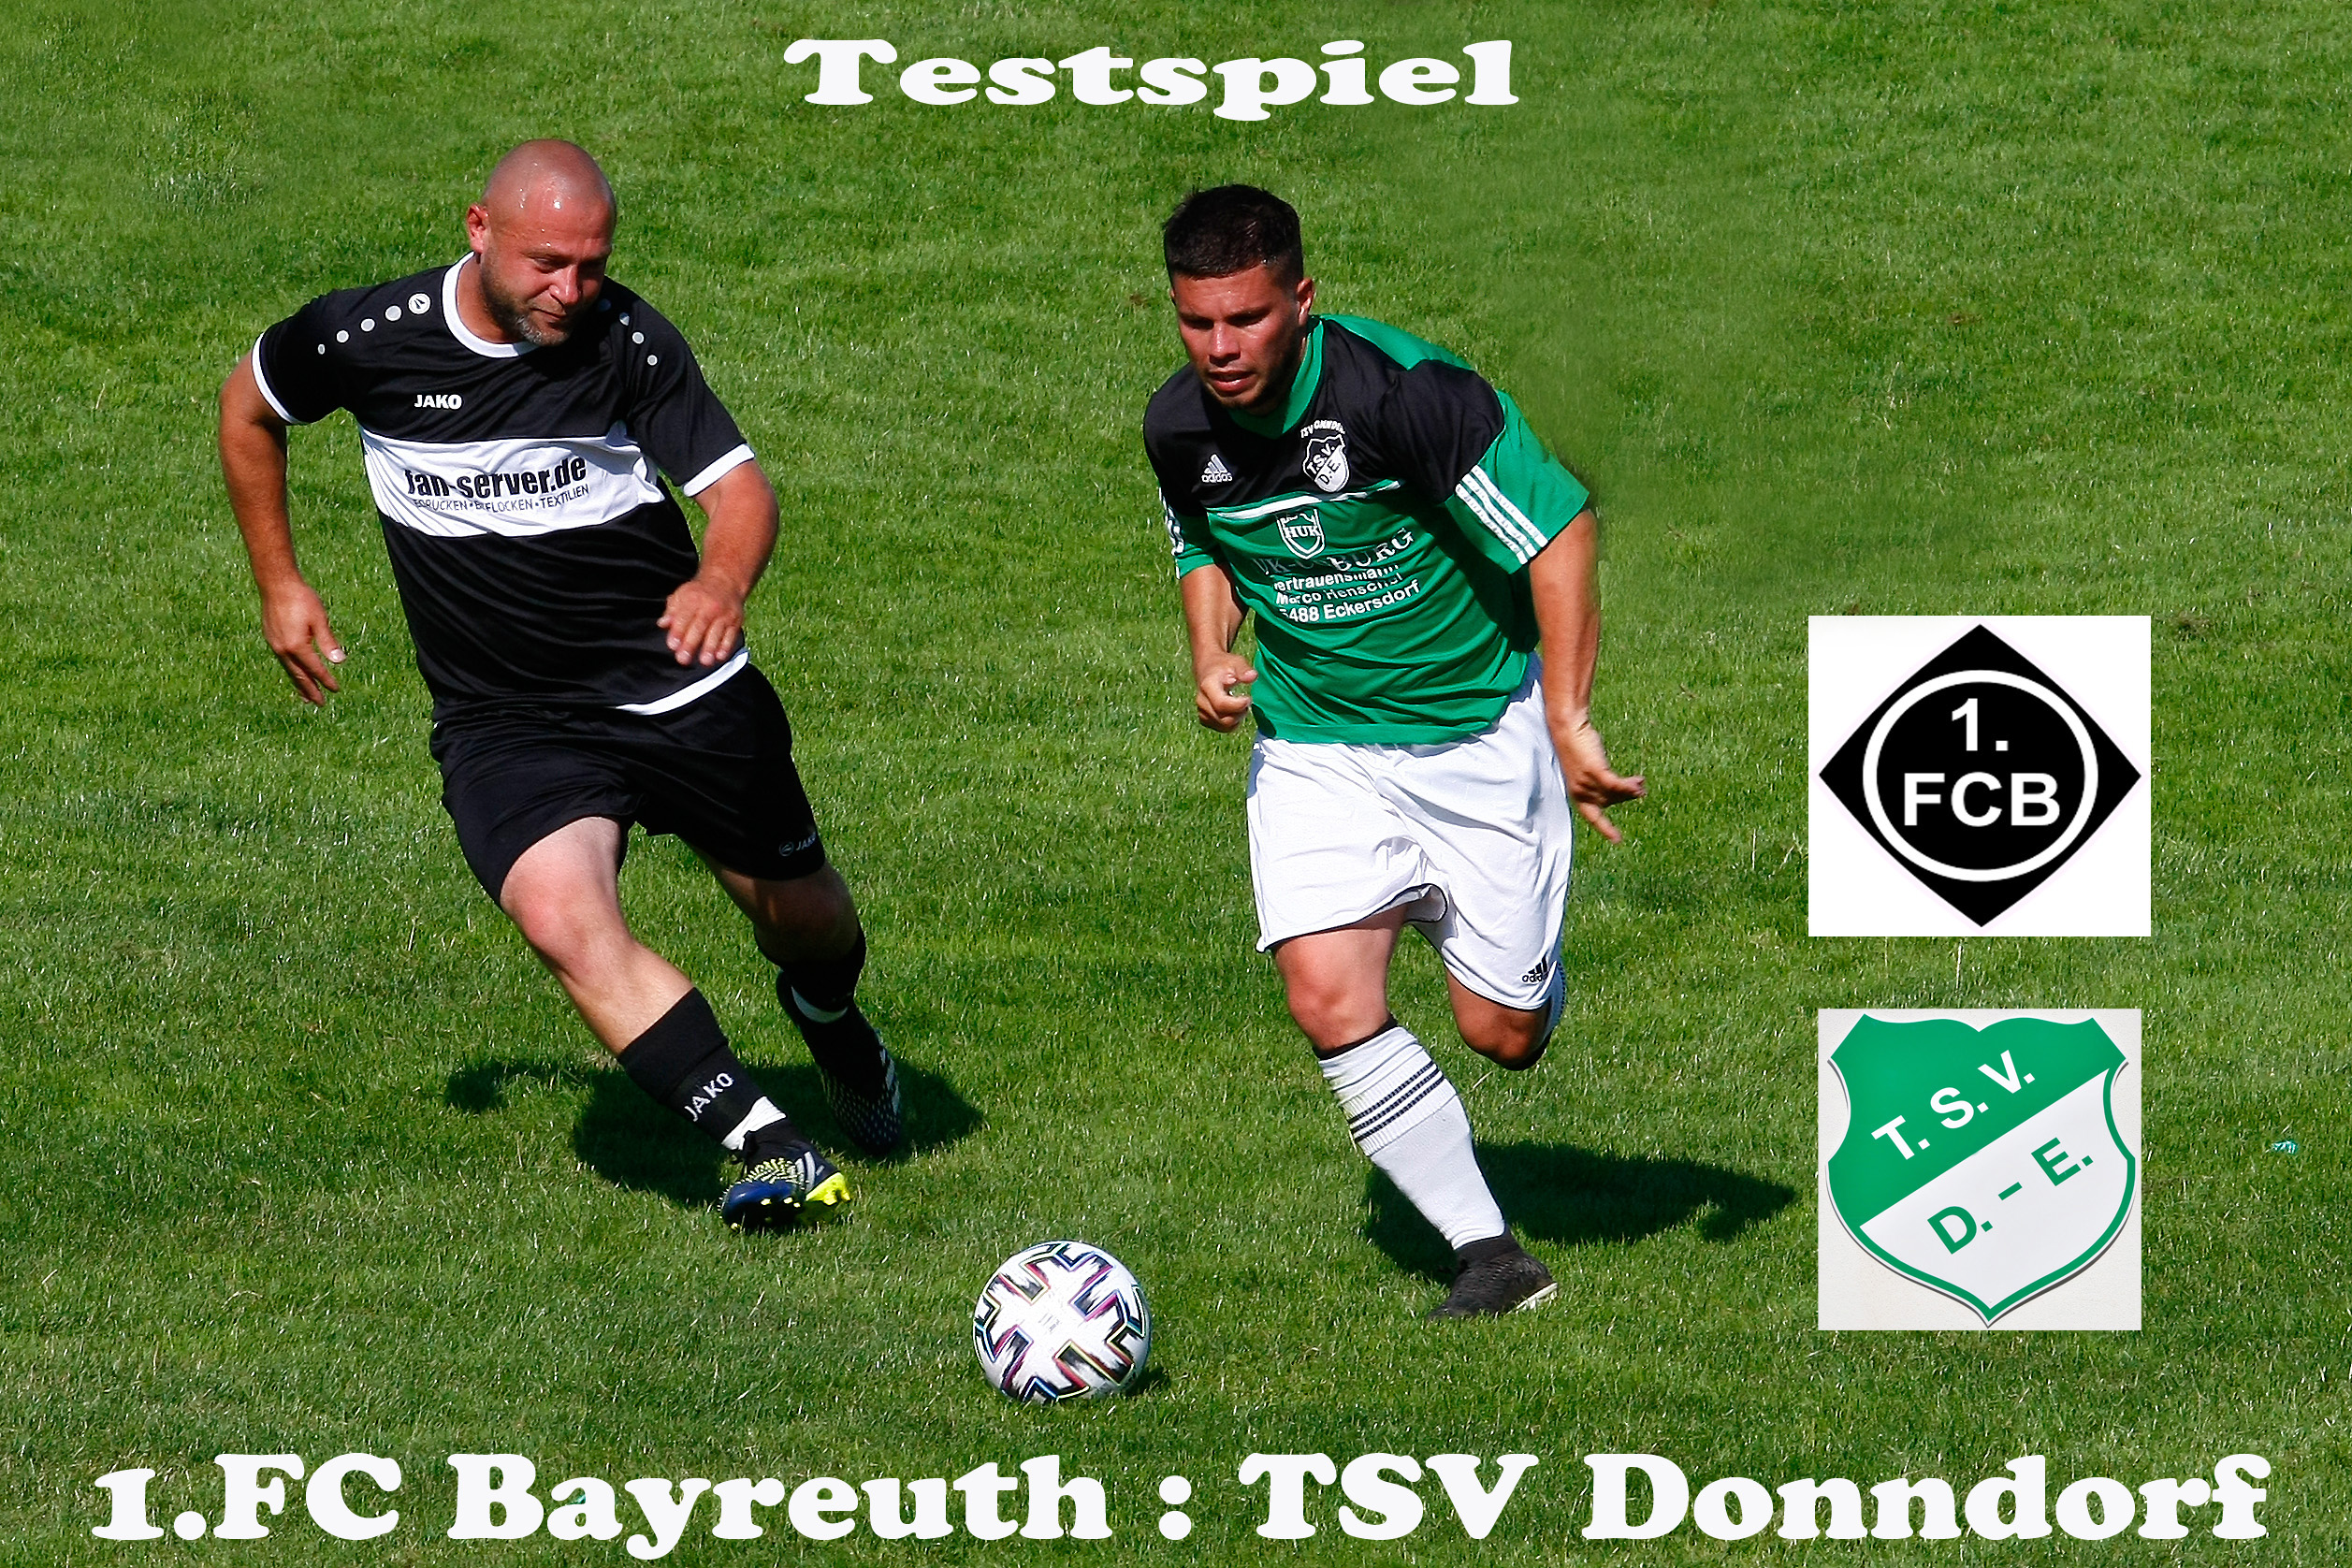 -Testspiel gegen die neu formierte Mannschaft des 1. FC Bayreuth -